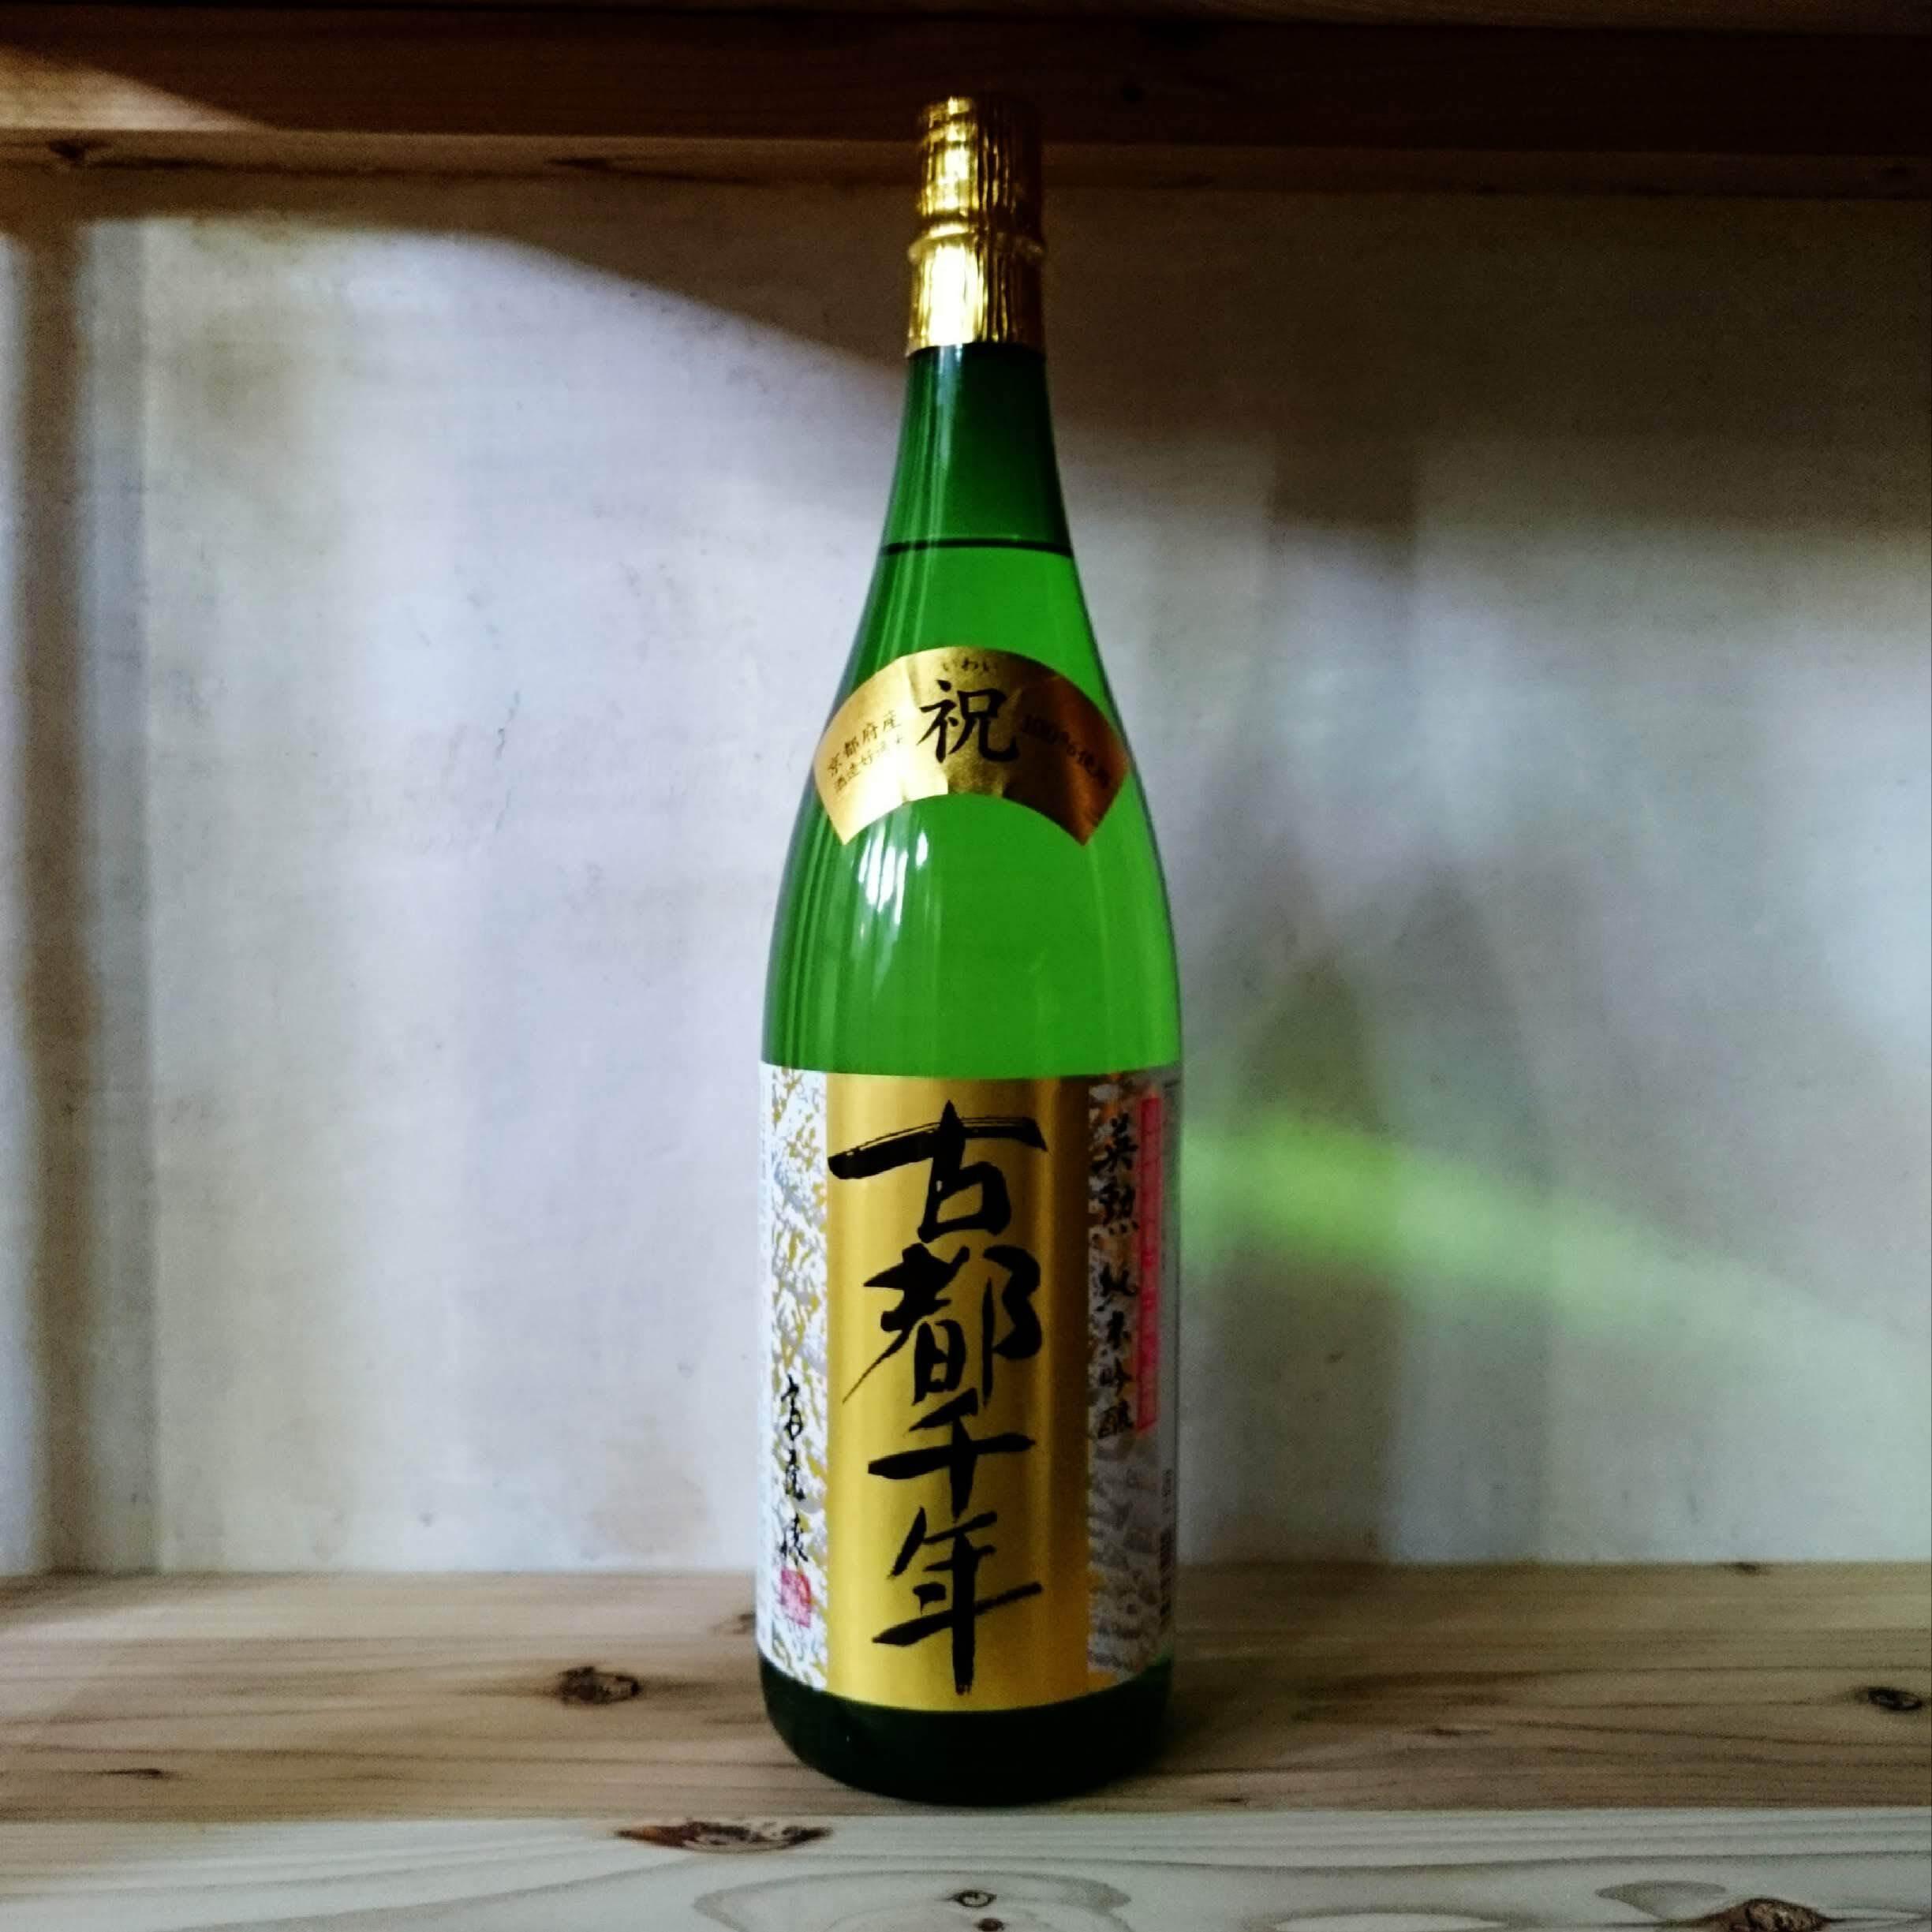 英勲 純米吟醸 古都千年 1.8L